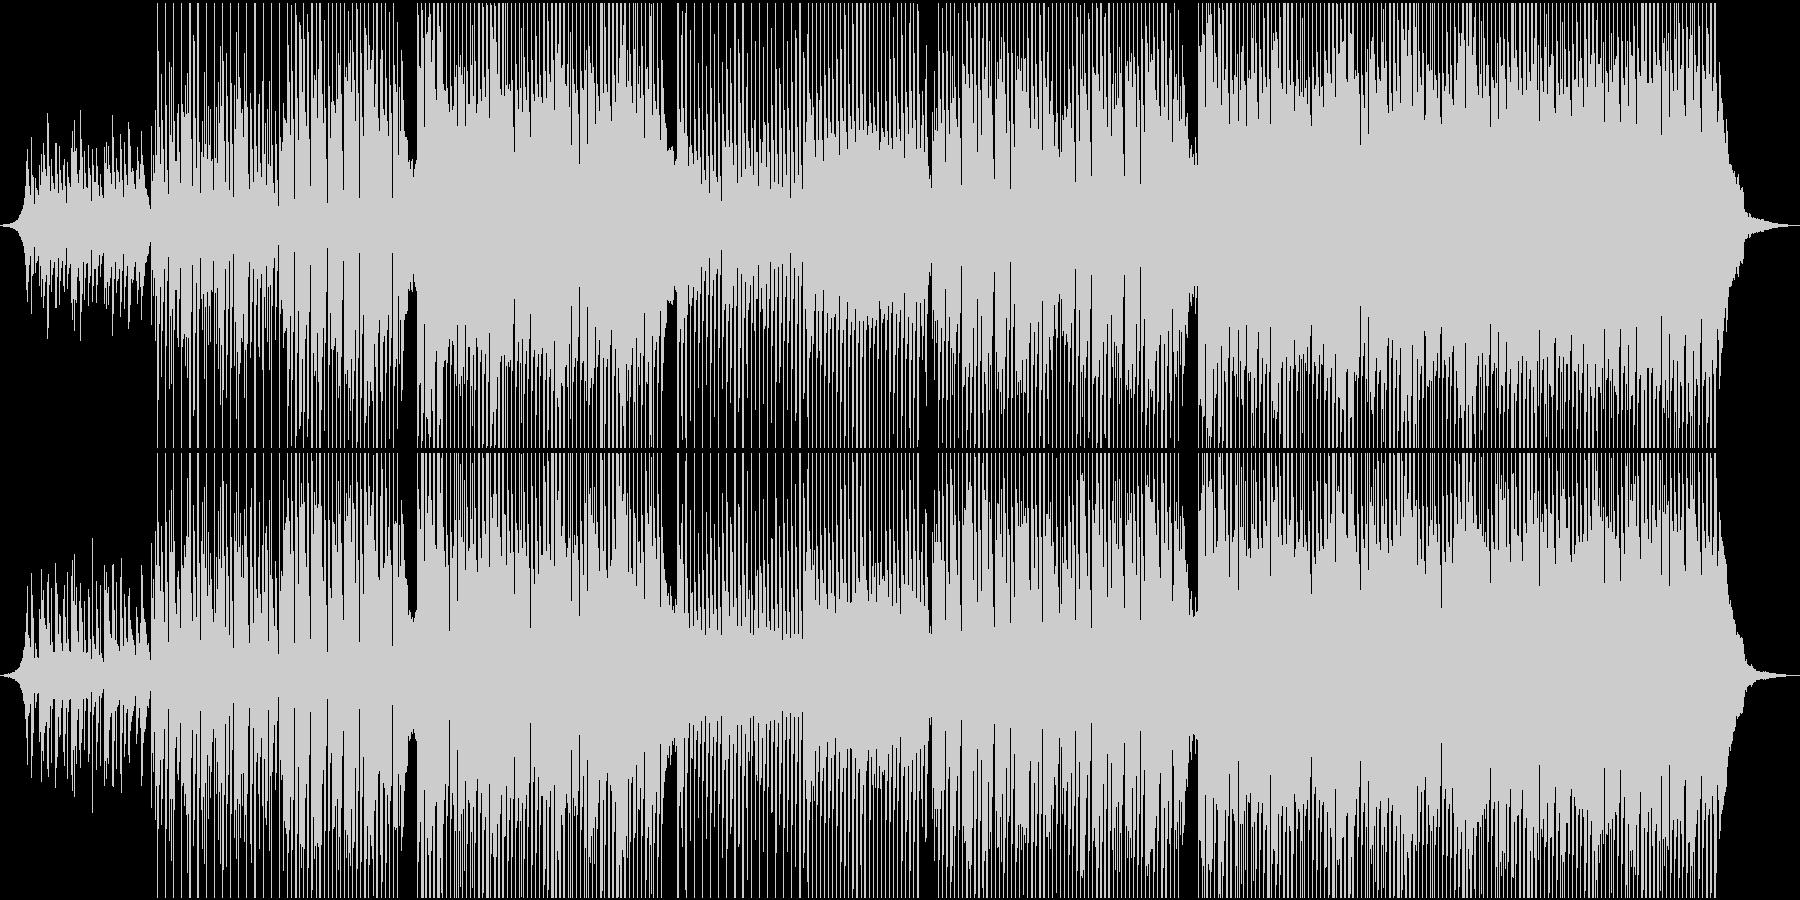 民謡 アクティブ 明るい ほのぼの...の未再生の波形